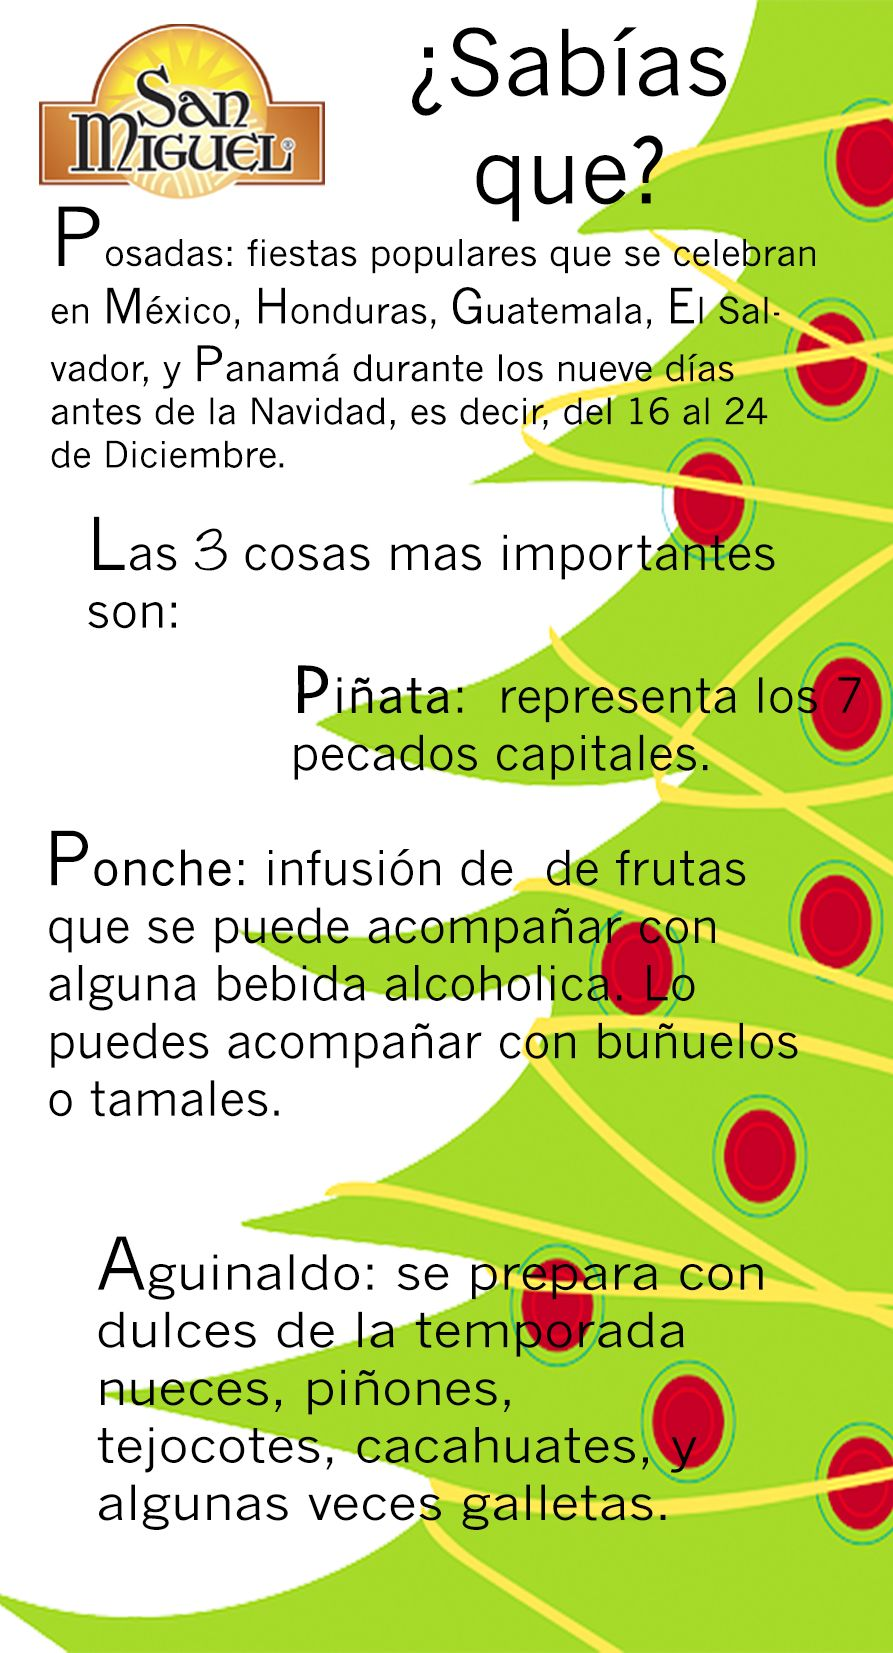 Workbooks las posadas worksheets : Significado de las posadas, ponche, piñata y aguinaldo información ...